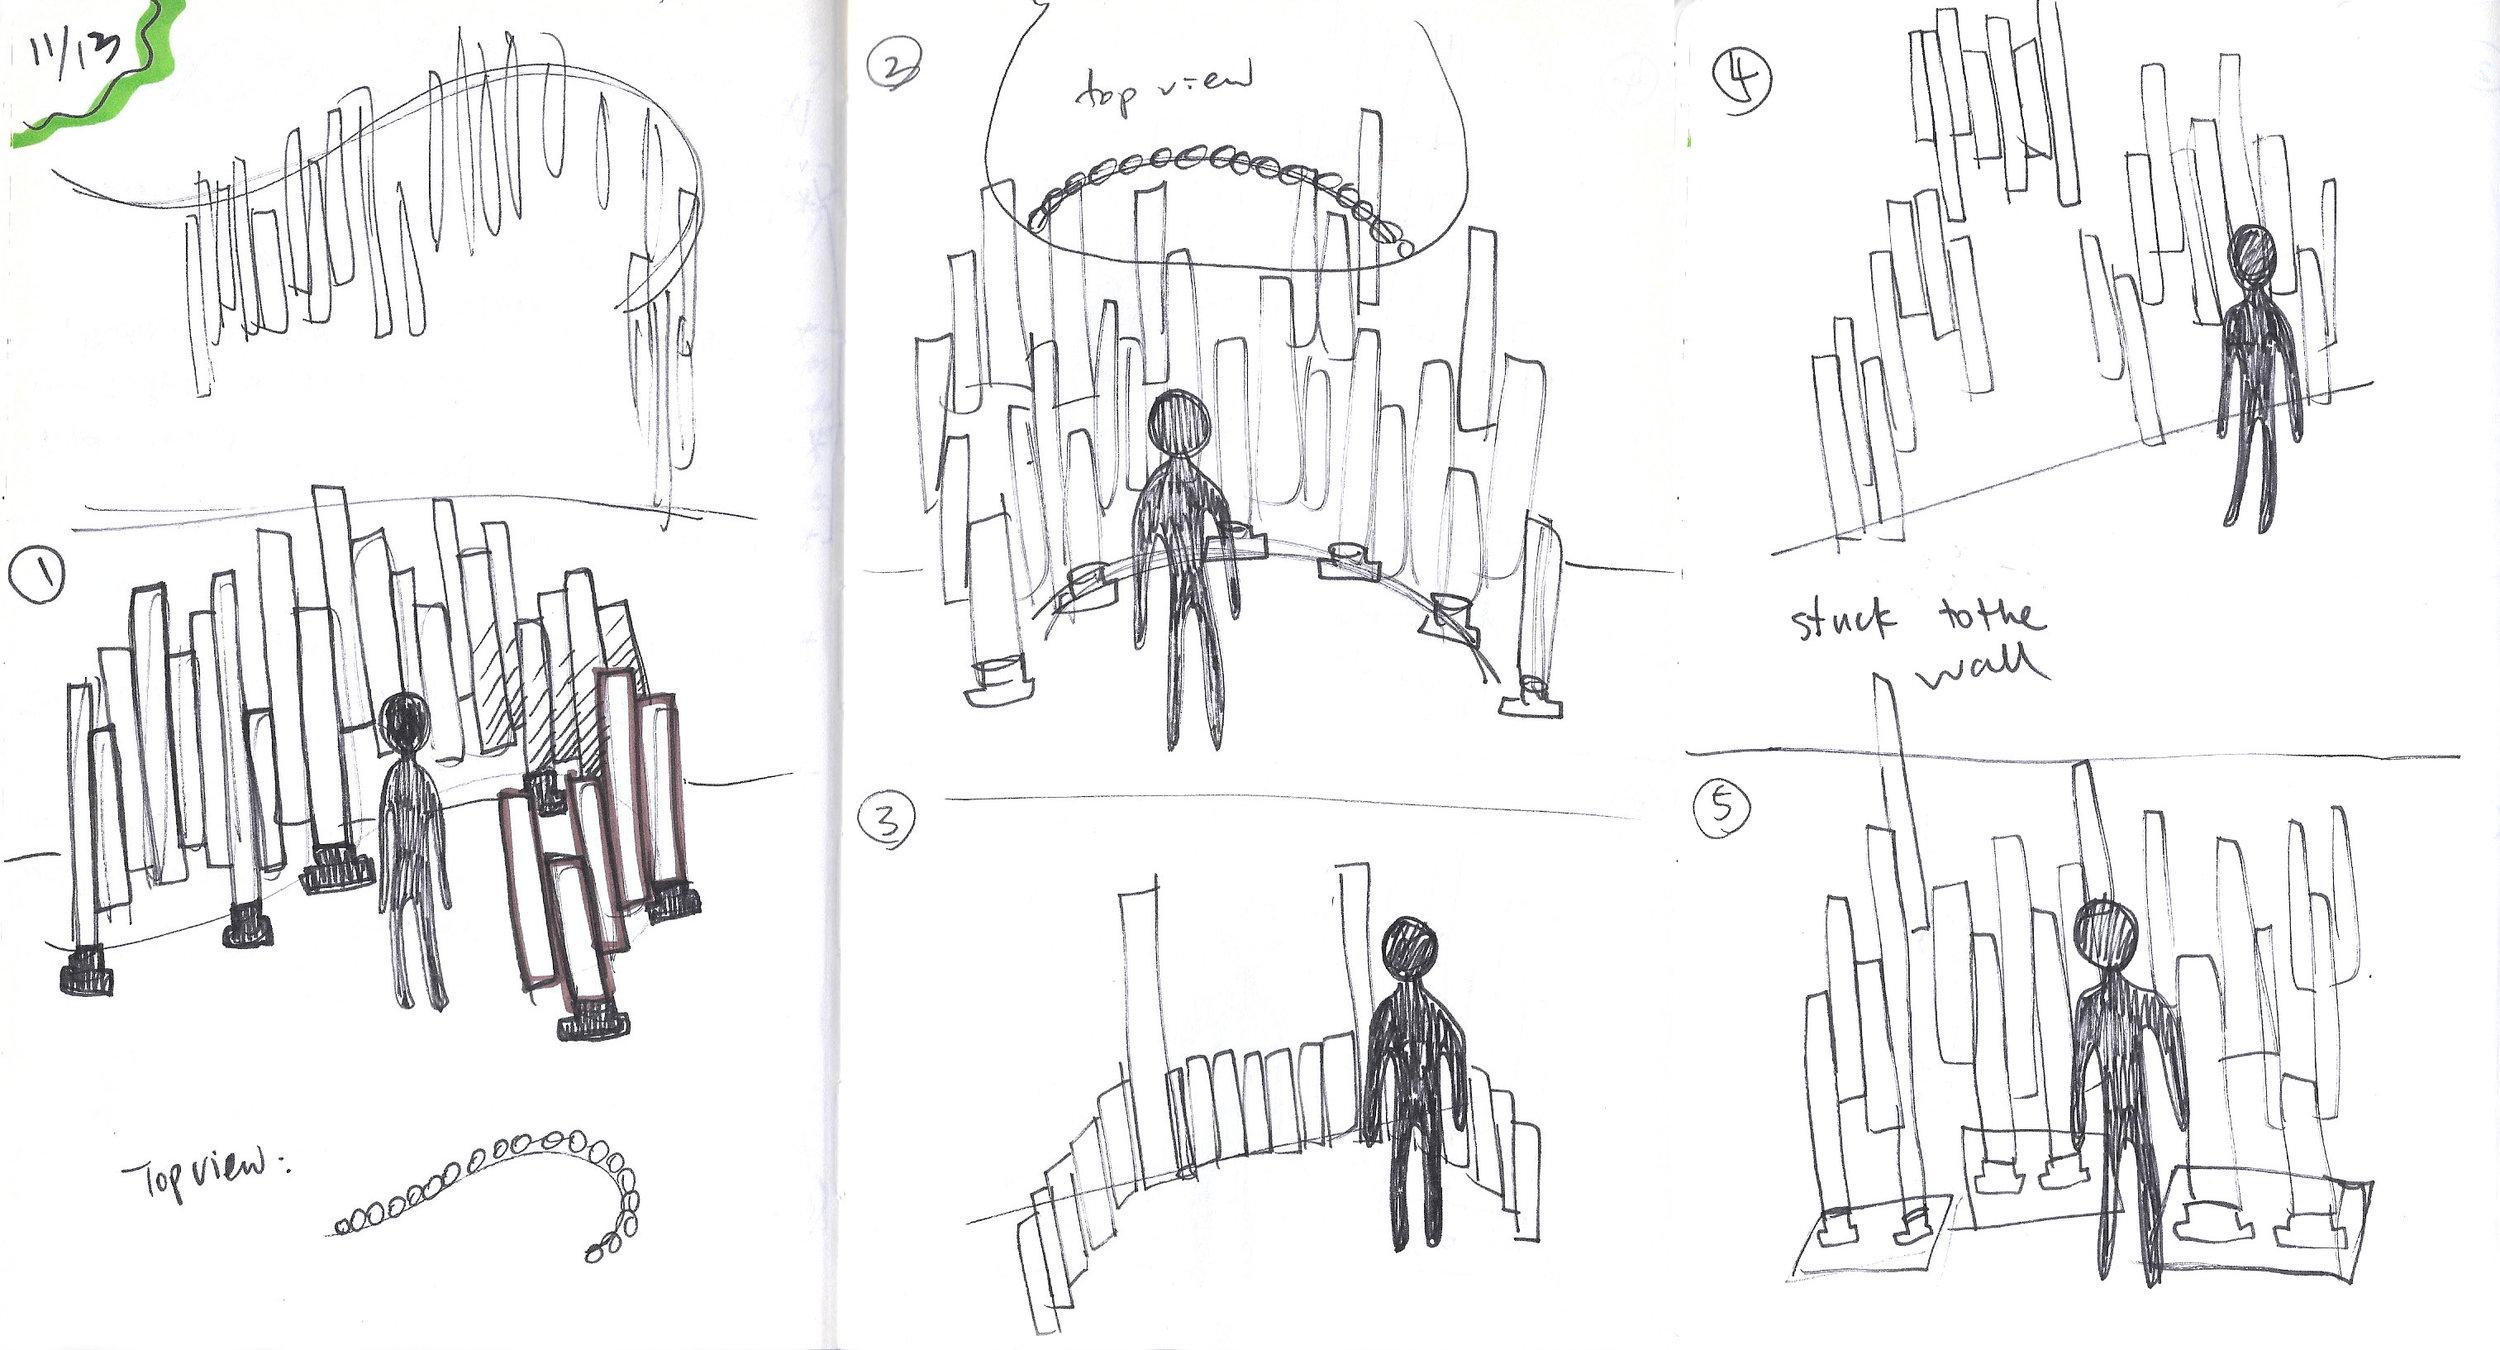 3-mid-proces-sketch.jpg